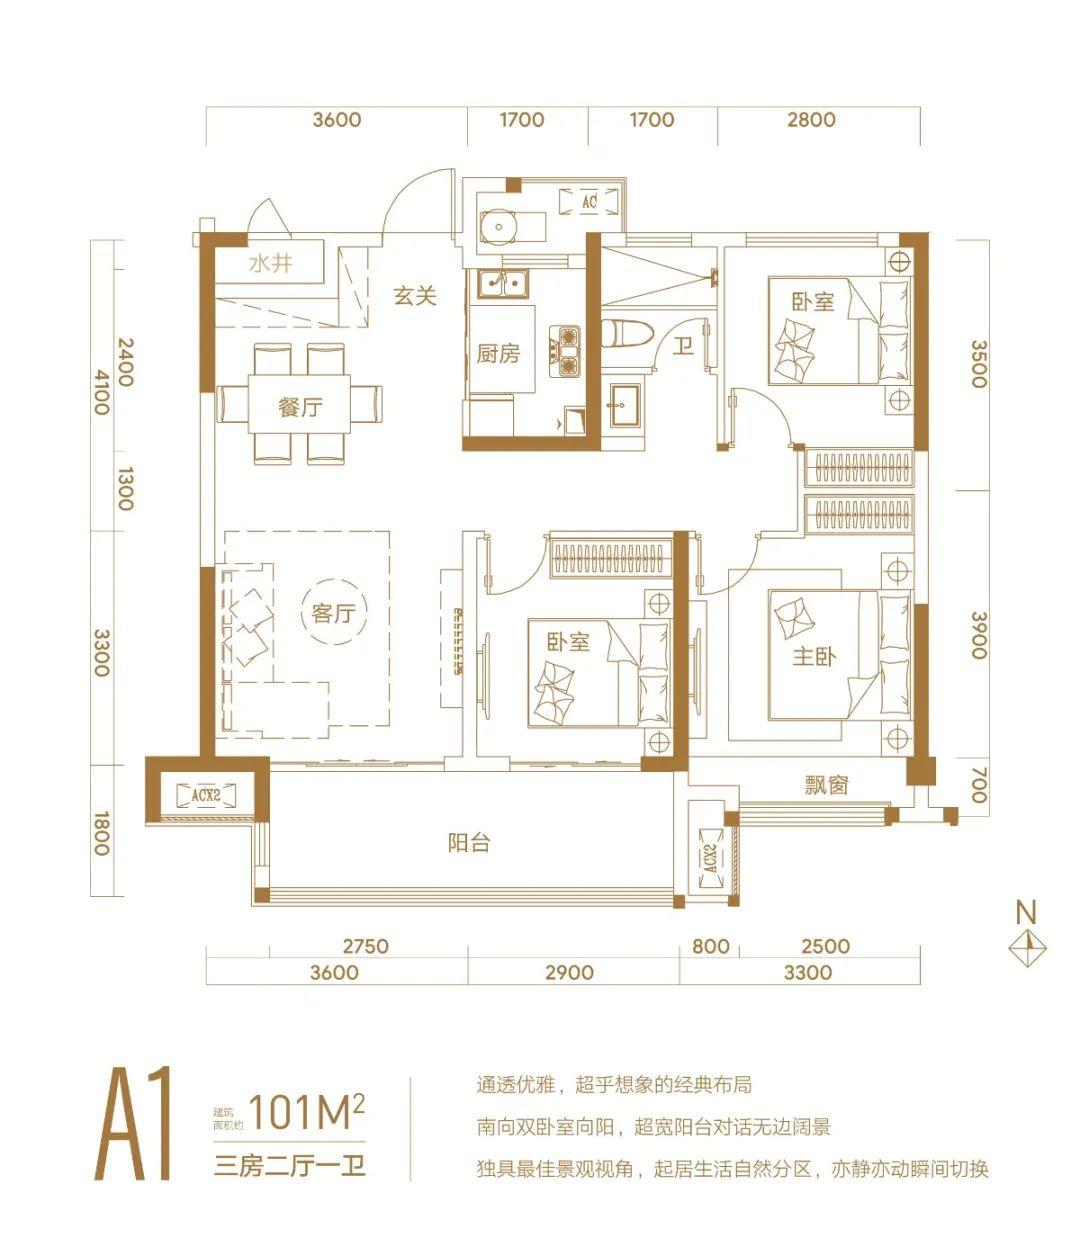 疯狂!阜阳7盘即将首开!新房最新备案均价8796元/㎡